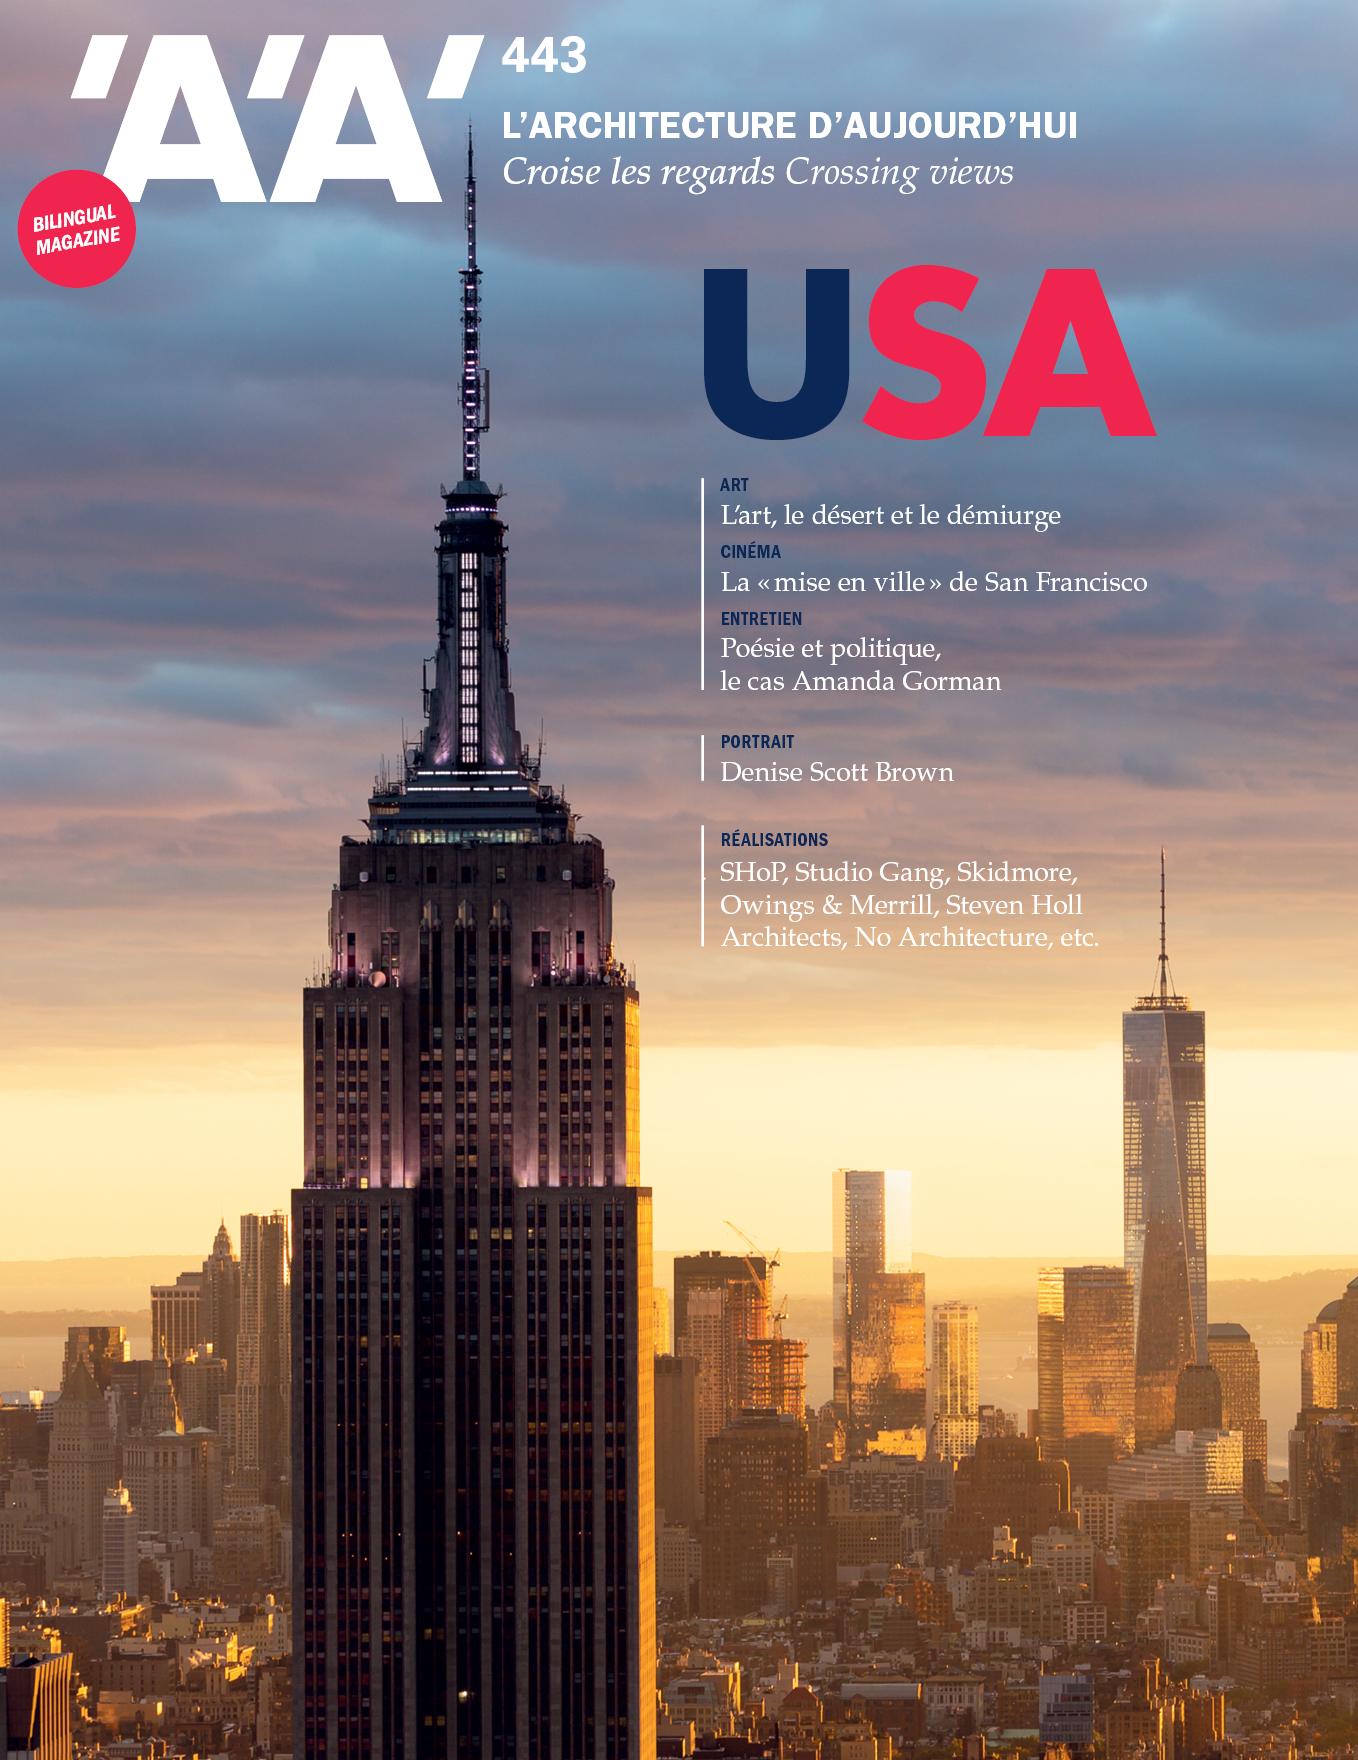 Publication in l'Architecture d'Aujourd'hui